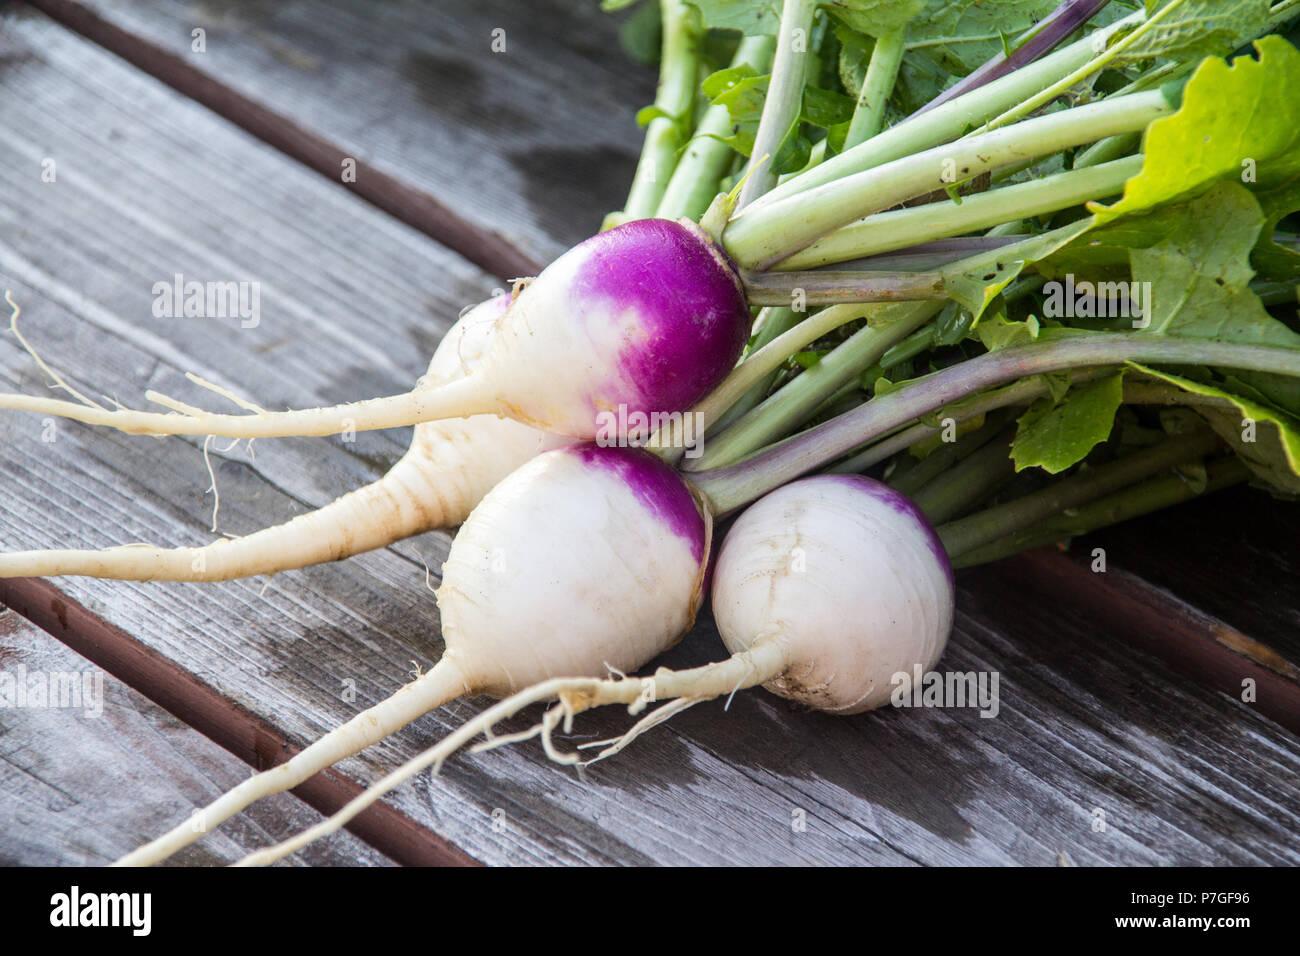 Bio frais récoltés petits légumes navet Photo Stock